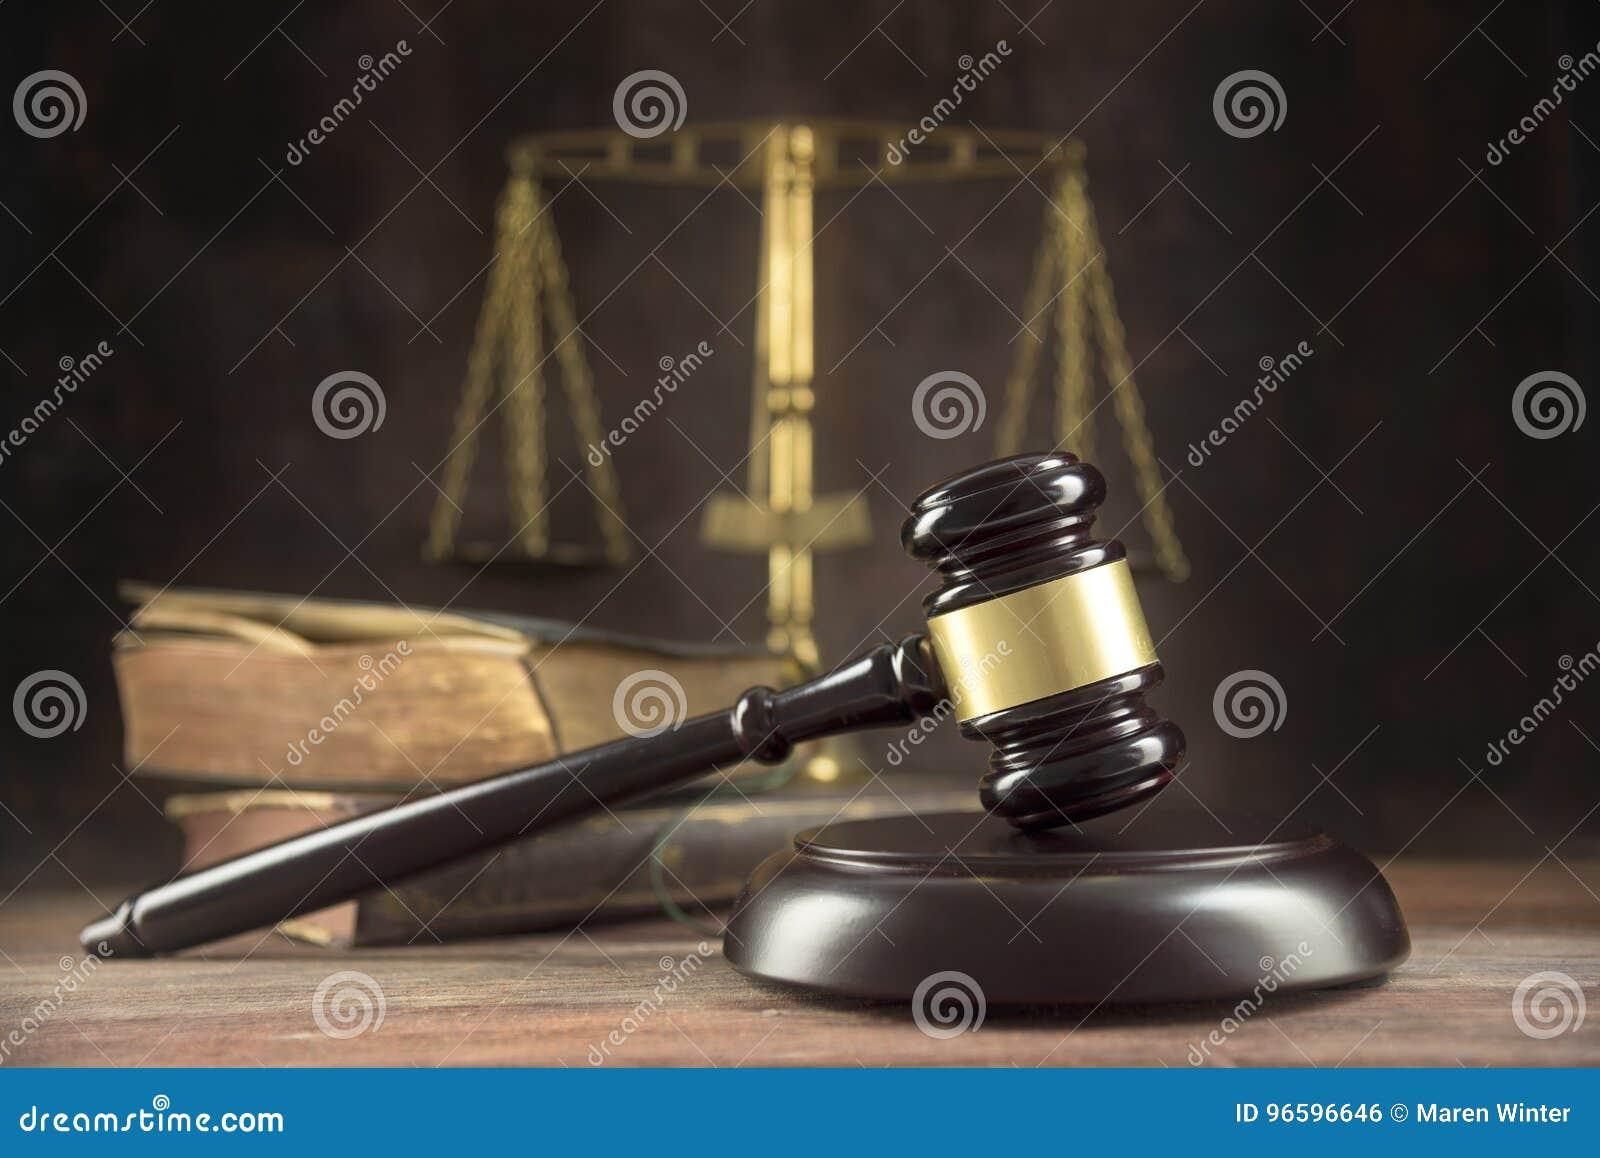 Bedöma auktionsklubban, gamla böcker och våg på en trätabell, rättvisasym